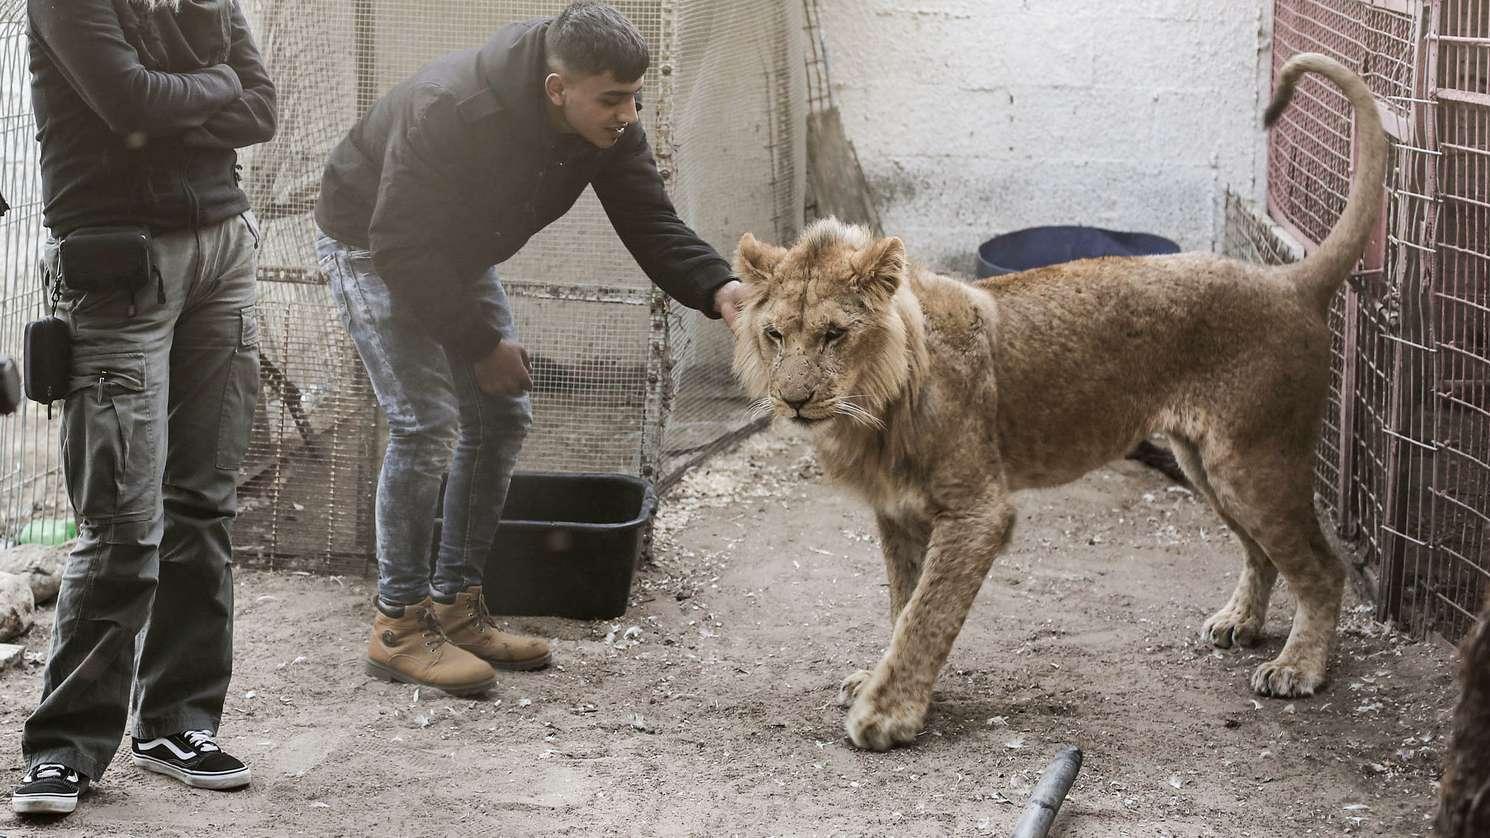 """alästinensische Autonomiegebiete, Rafah: Ein Mitglied der Internationalen Tierschutzorganisation """"Four Paws"""" (Vier Pfoten) steht neben einer Löwin in einem Zoo in Rafah, als der Zooinhaber zustimmte, die Tiere an die Organisation zu übergeben, die sie evakuieren und in ein jordanisches Reservat transportieren wird, um sie vor den bedauerlichen Bedingungen zu retten."""